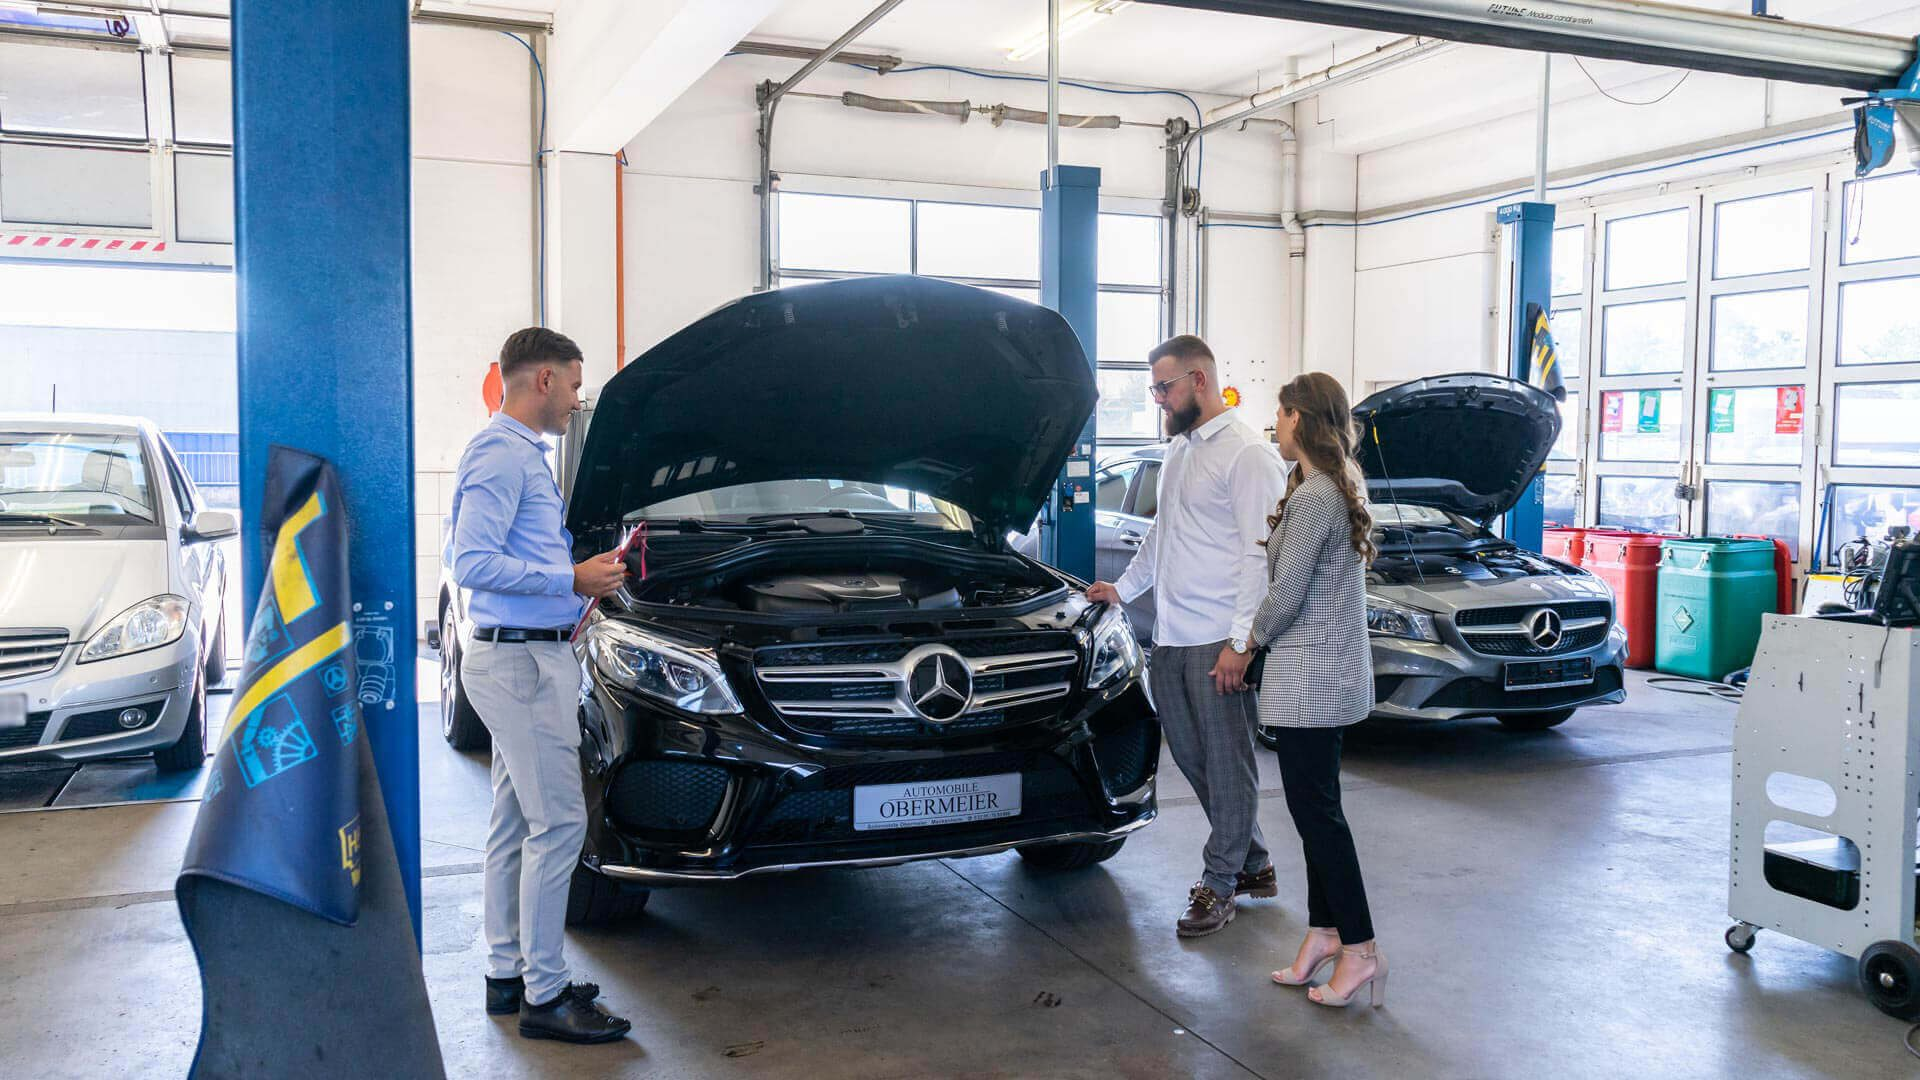 Kundengespräch in Werkstatt bei Automobile Obermeier in Meckenheim